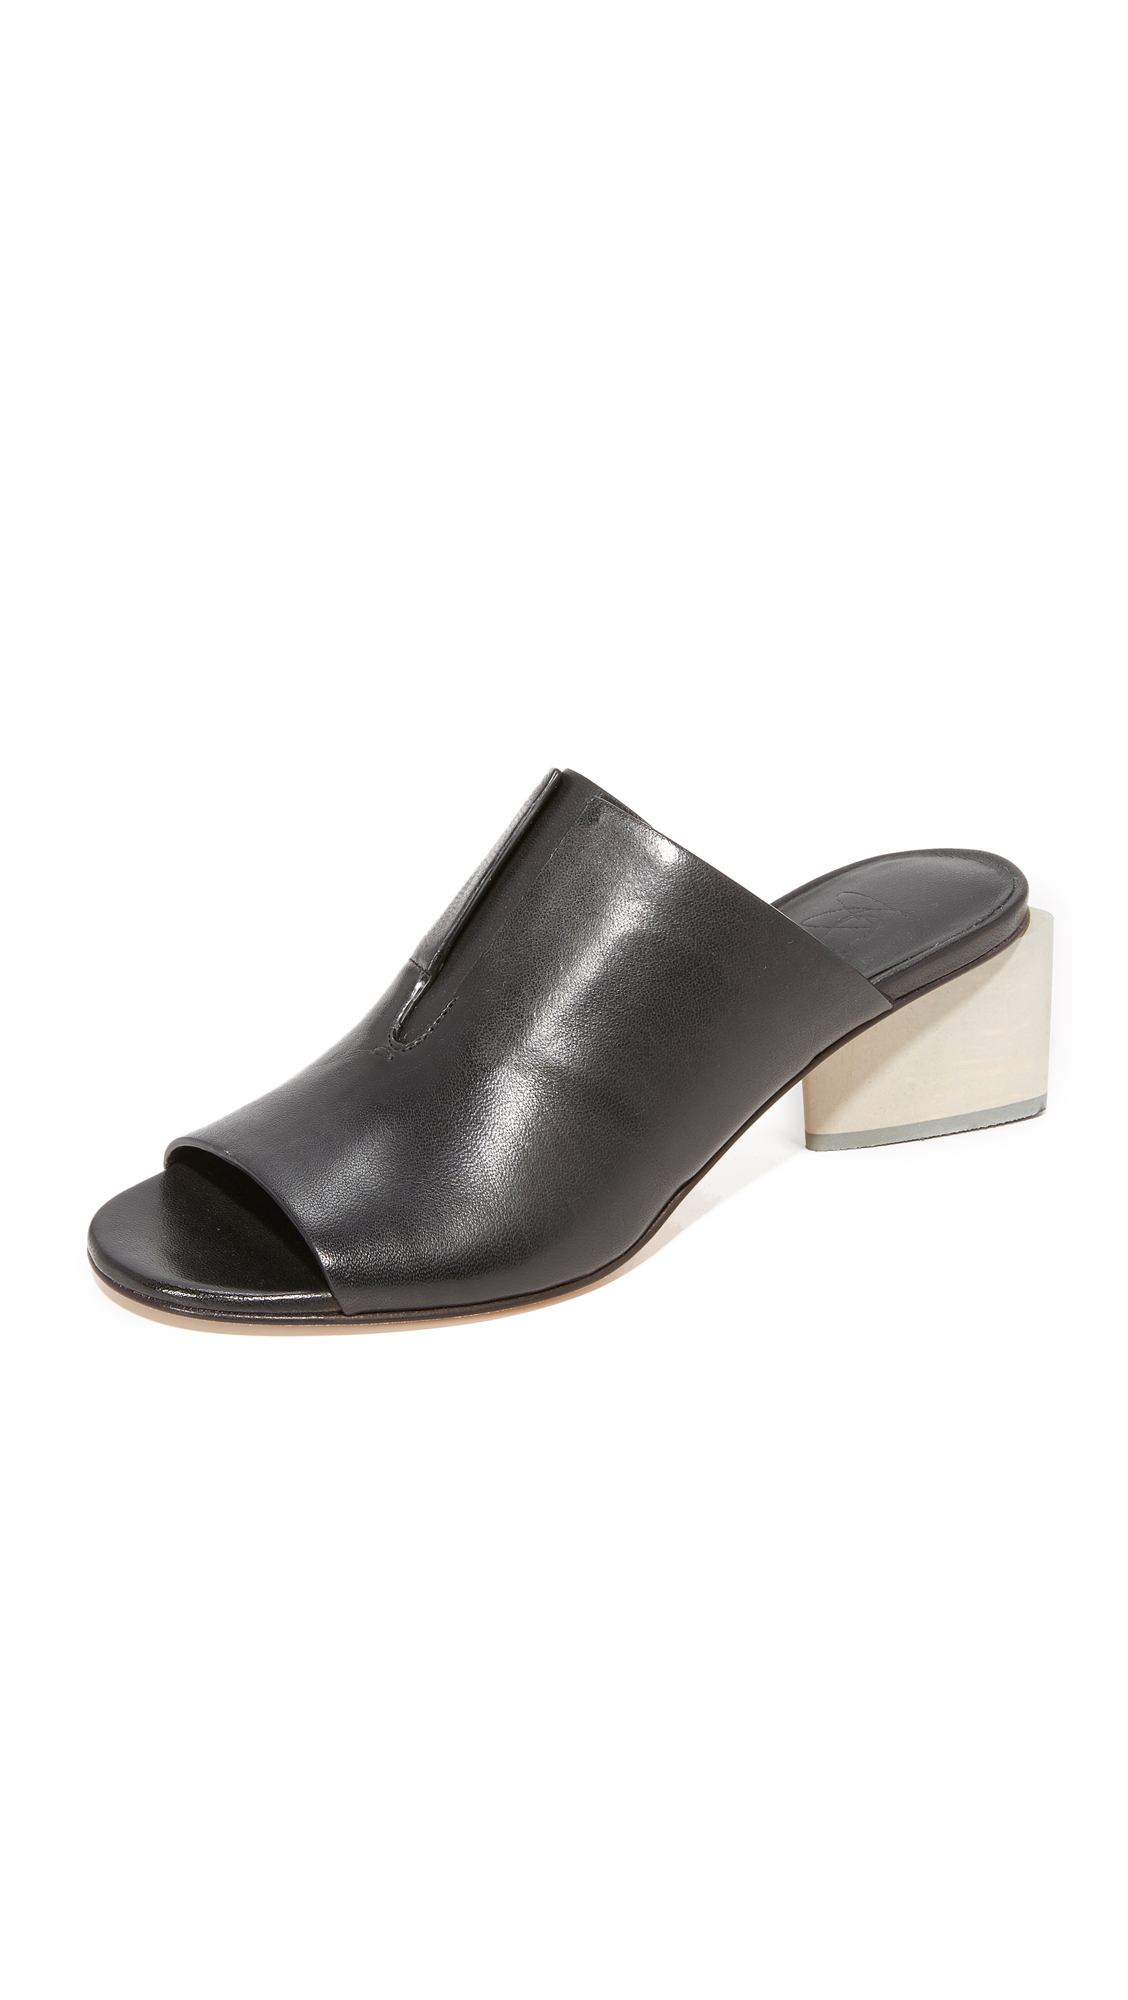 Zero + Maria Cornejo Izel Mule Sandals - Black